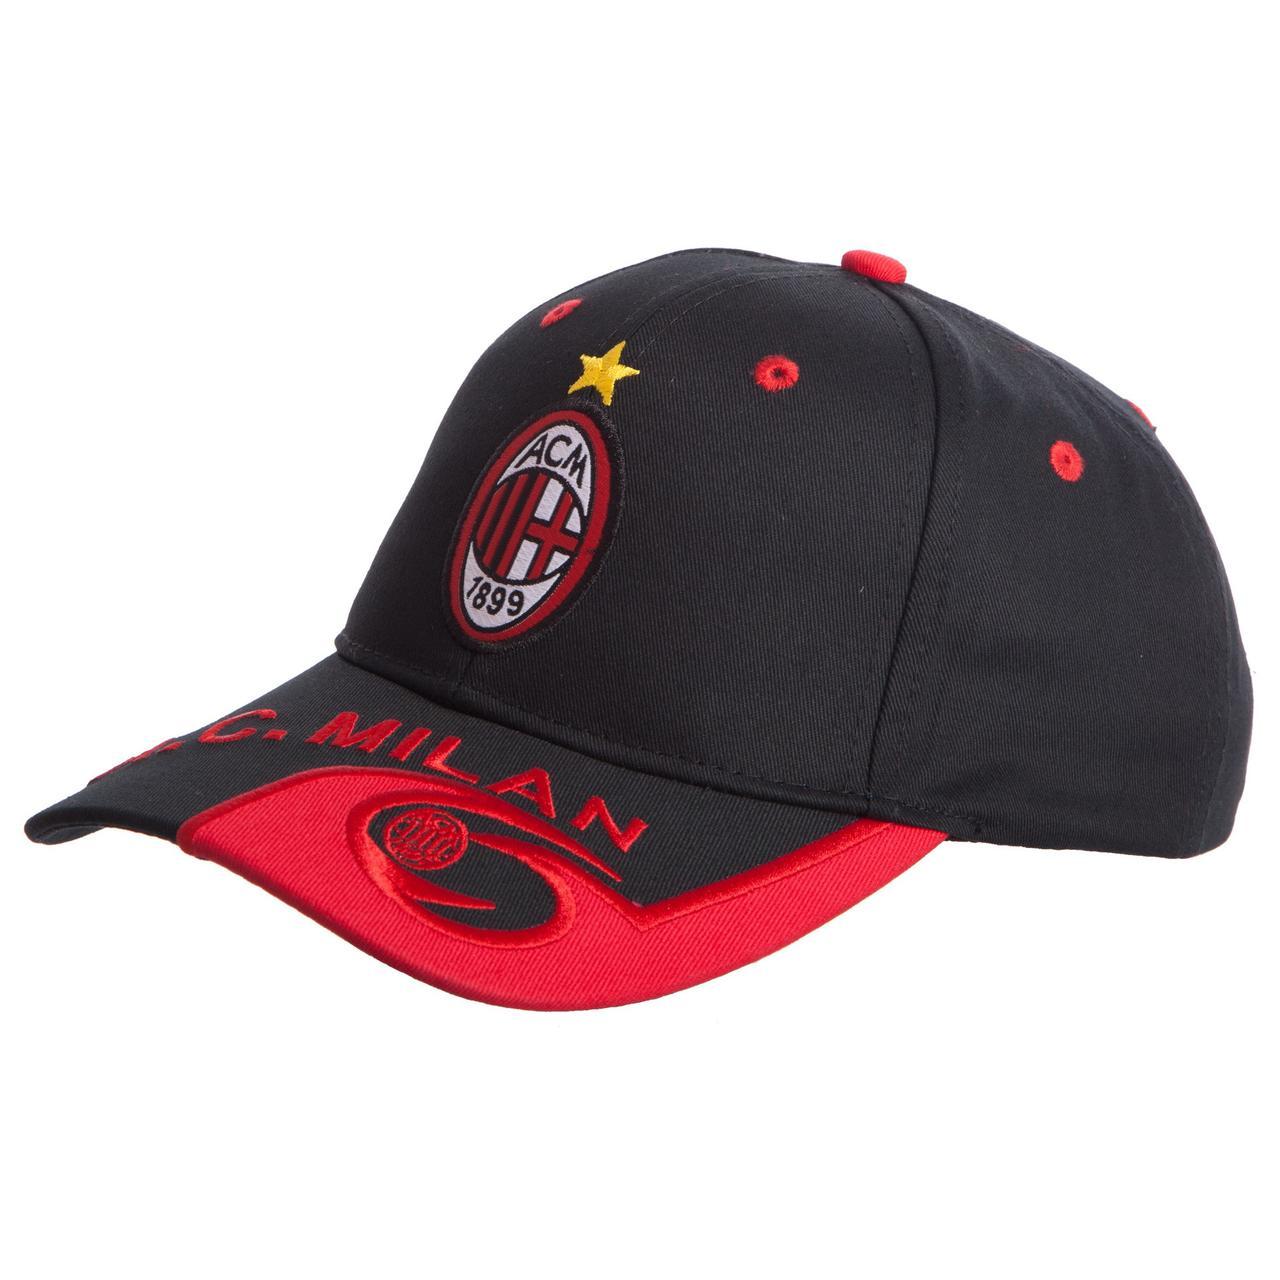 Кепка футбольного клуба AC MILAN (хлопок, черный-красный) PZ-CO-0793